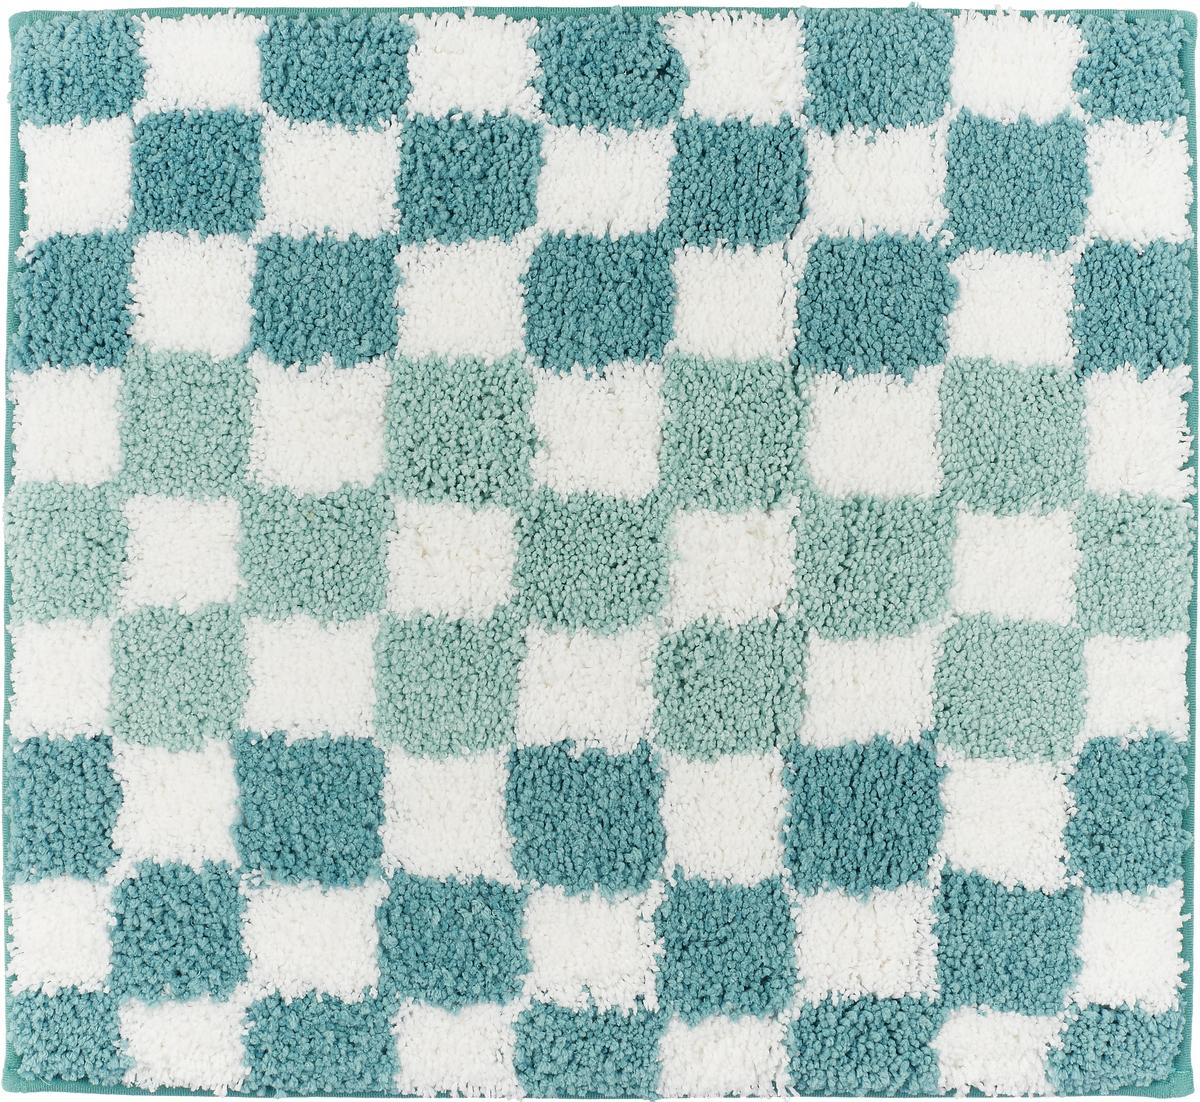 Коврик для ванной Ridder Grand Prix, цвет: синий, голубой, 55 х 50 см716833Коврик для ванной Ridder Grand Prix выполнен из полиакрила. Основание изготовлено из латекса. Коврик долго прослужит в вашем доме, добавляя тепло и уют, а также внесет неповторимый колорит в интерьер ванной комнаты.